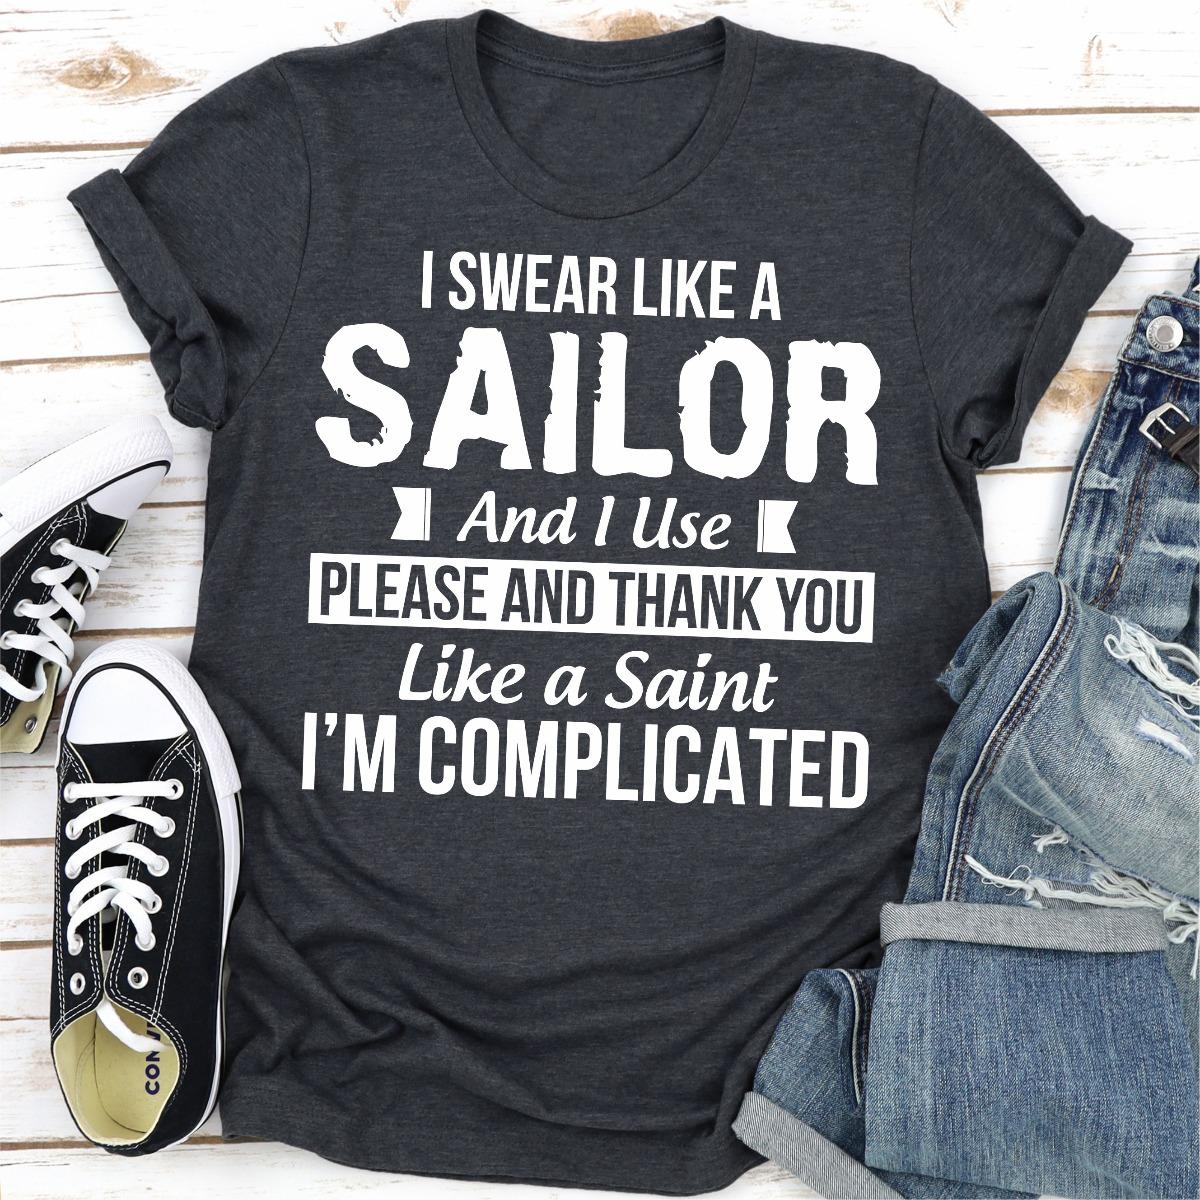 I Swear Like A Sailor And Use Please And Thank You Like A Saint... I'm Complicated